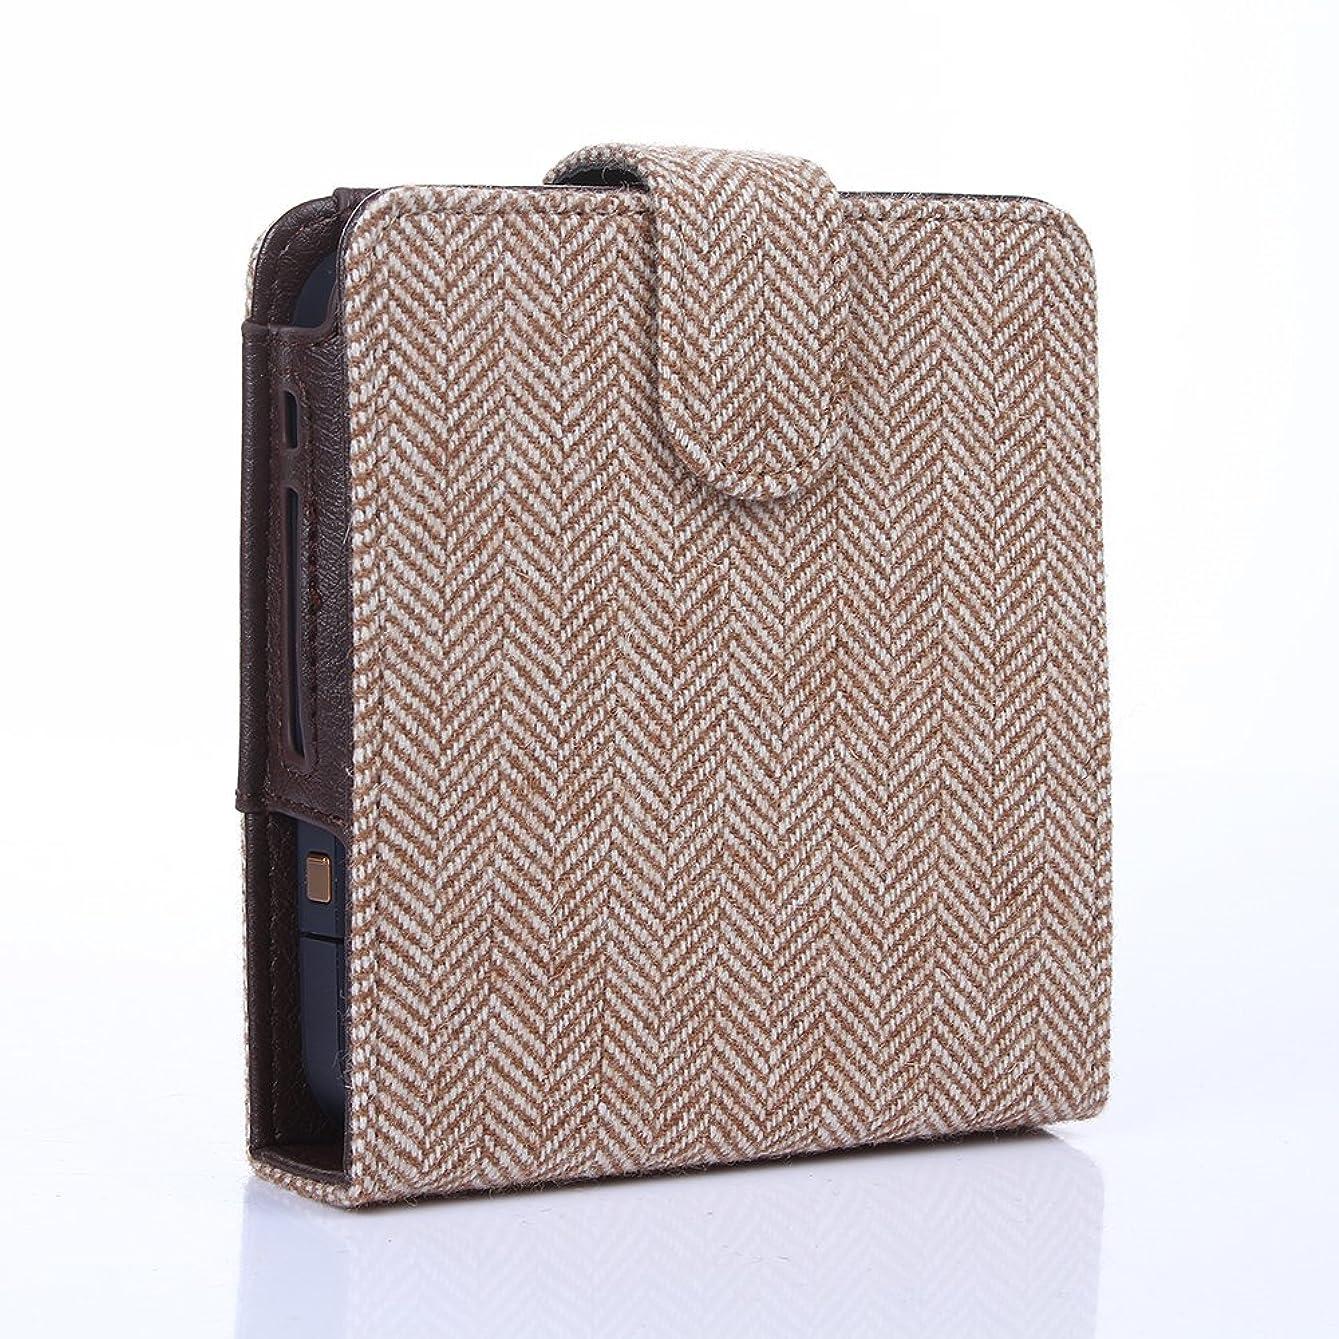 体マージンフィールドヘリンボーン トラッドスタイル カードポケット付き アイコスケース (ベージュ)